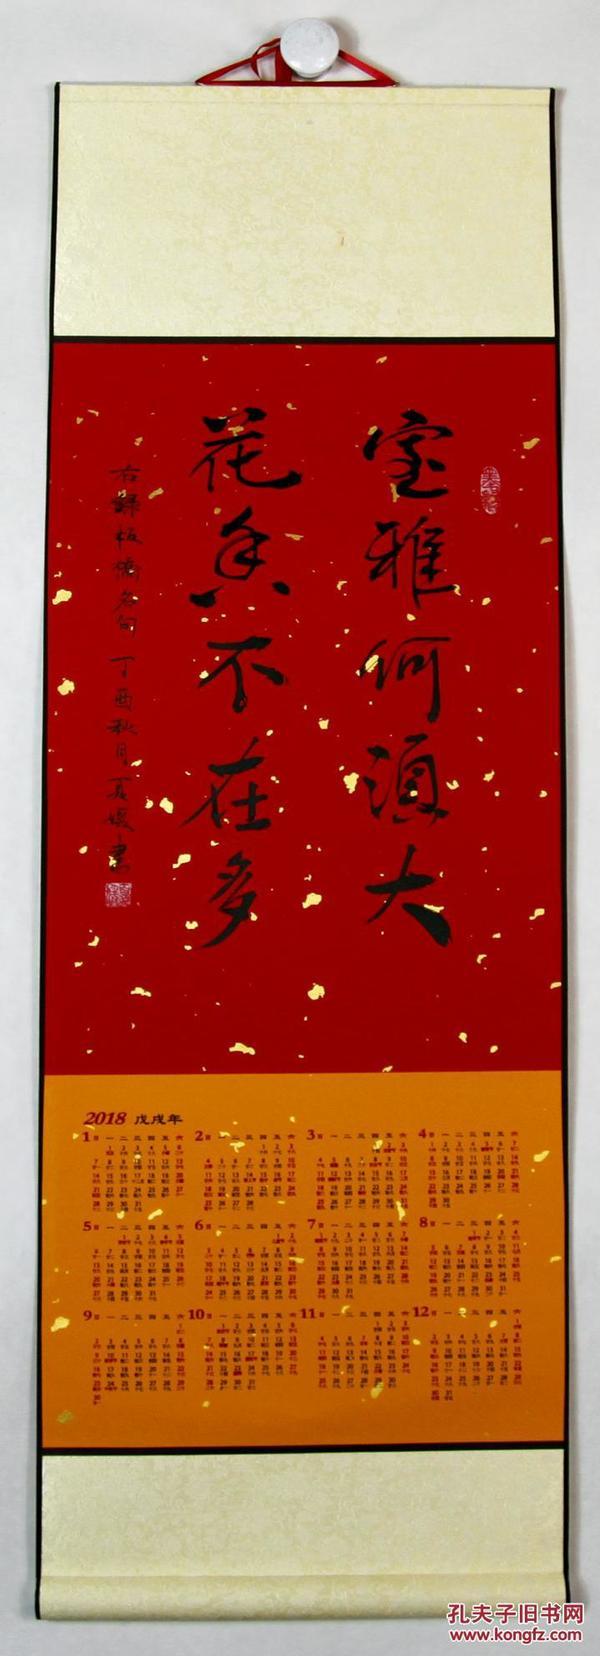 【来自本人 保真】【送礼最佳】立轴/裁后为镜片/中国人民大学艺术学院助理导师、美协会员、书协会员夏媛 书法作品7。